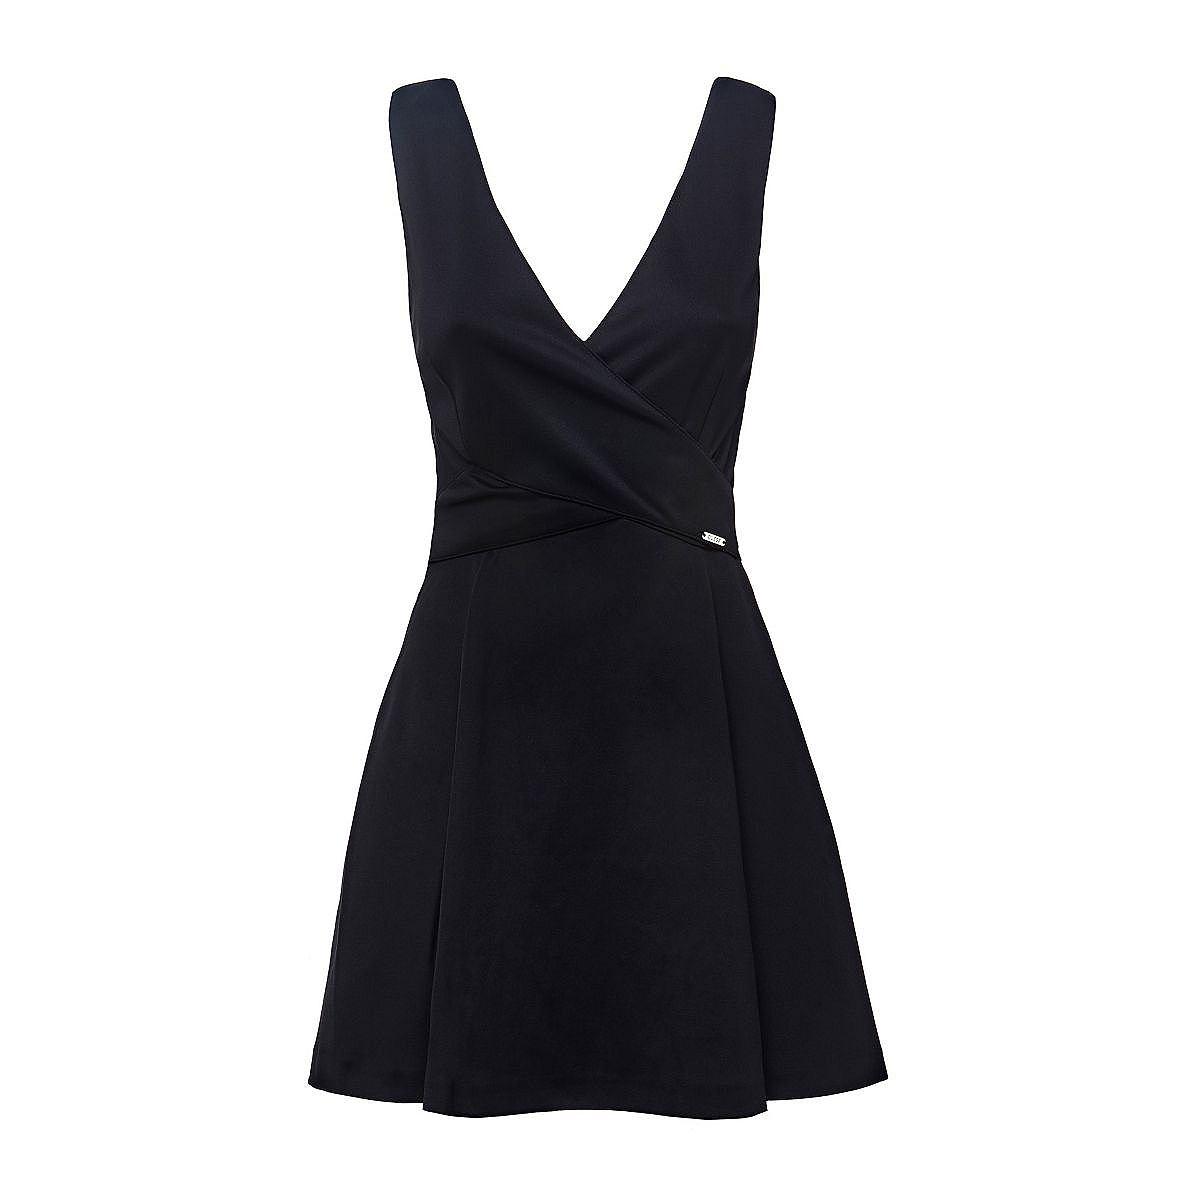 Guess jurk met cirkelrok zwart